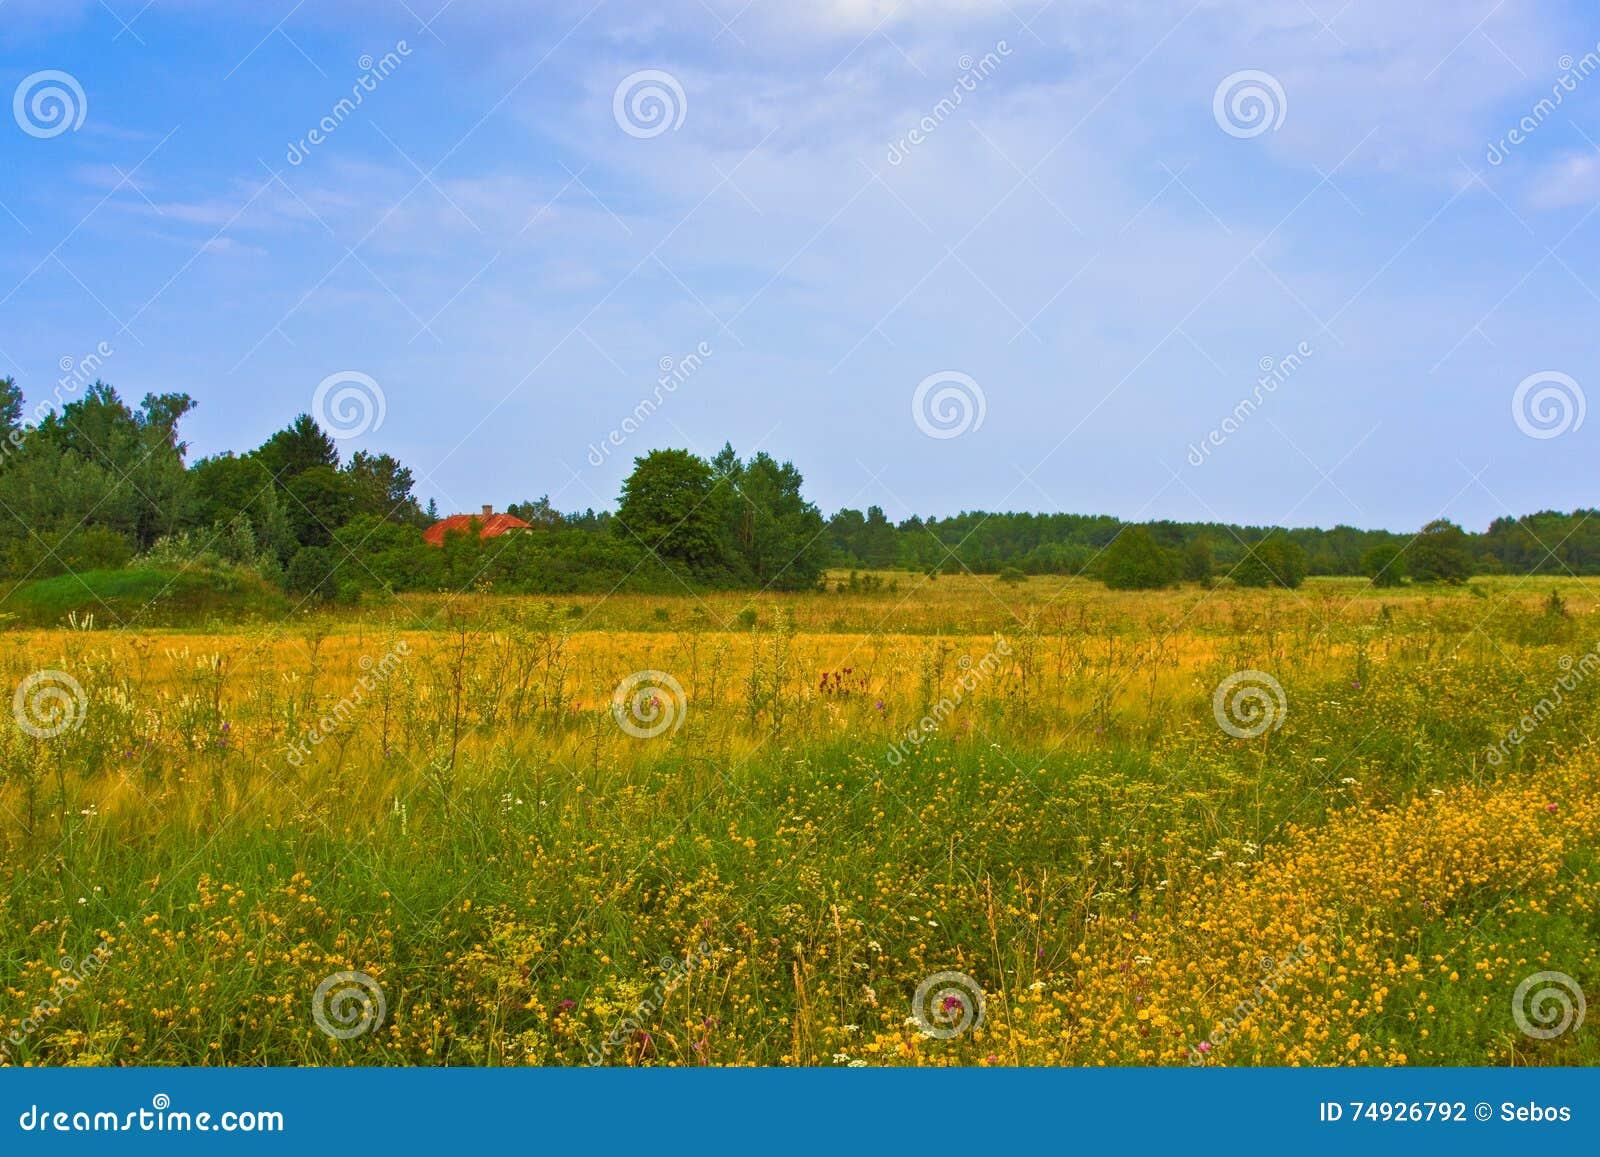 Landwirtschaftliche Sommerlandschaft Typische europäische Hirtenwiese, Weide, Feld Illustration der Landwirtschaft